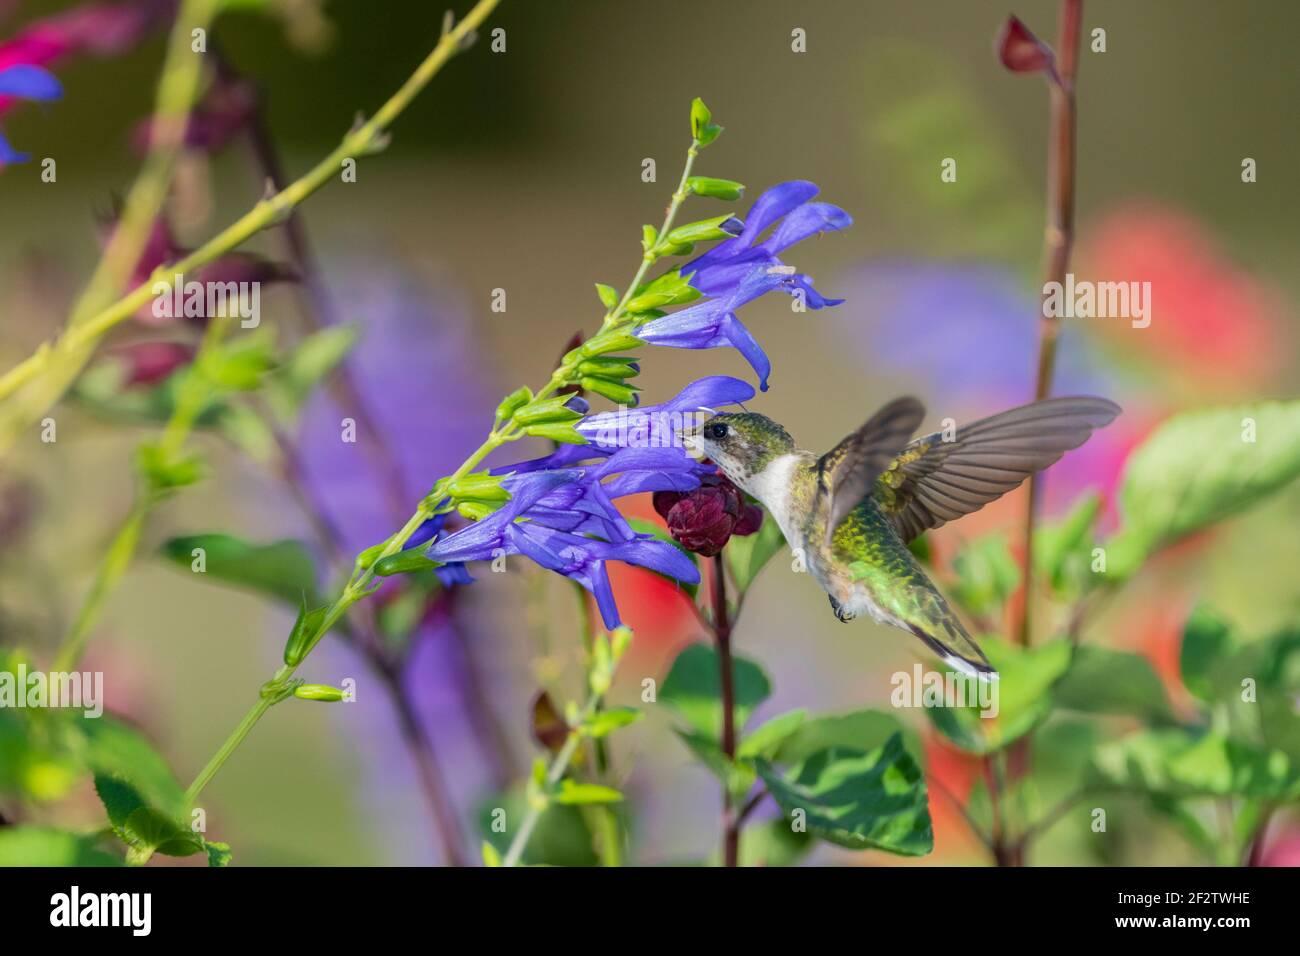 01162-16005 Hummingbird de garganta rubí (Archilochus colubris) en el Blue Ensign Salvia (Salvia guaranitica ' Blue Ensign') Marion Co. IL Foto de stock